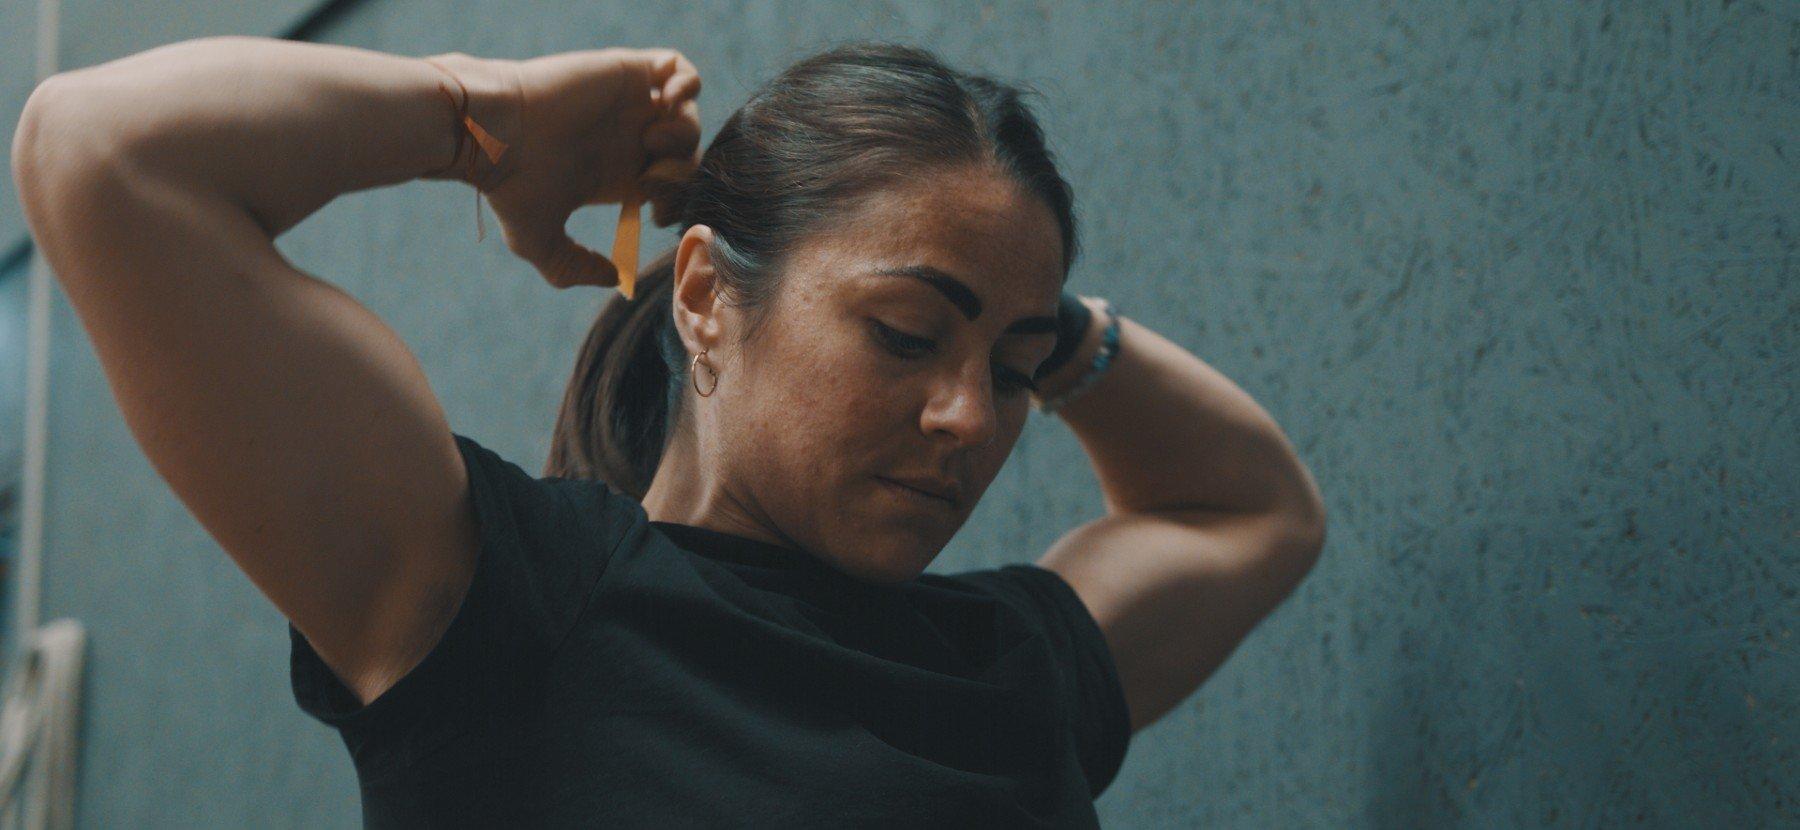 Zelebriere die Kraft deines Körpers & repariere deine Körperwahrnehmung